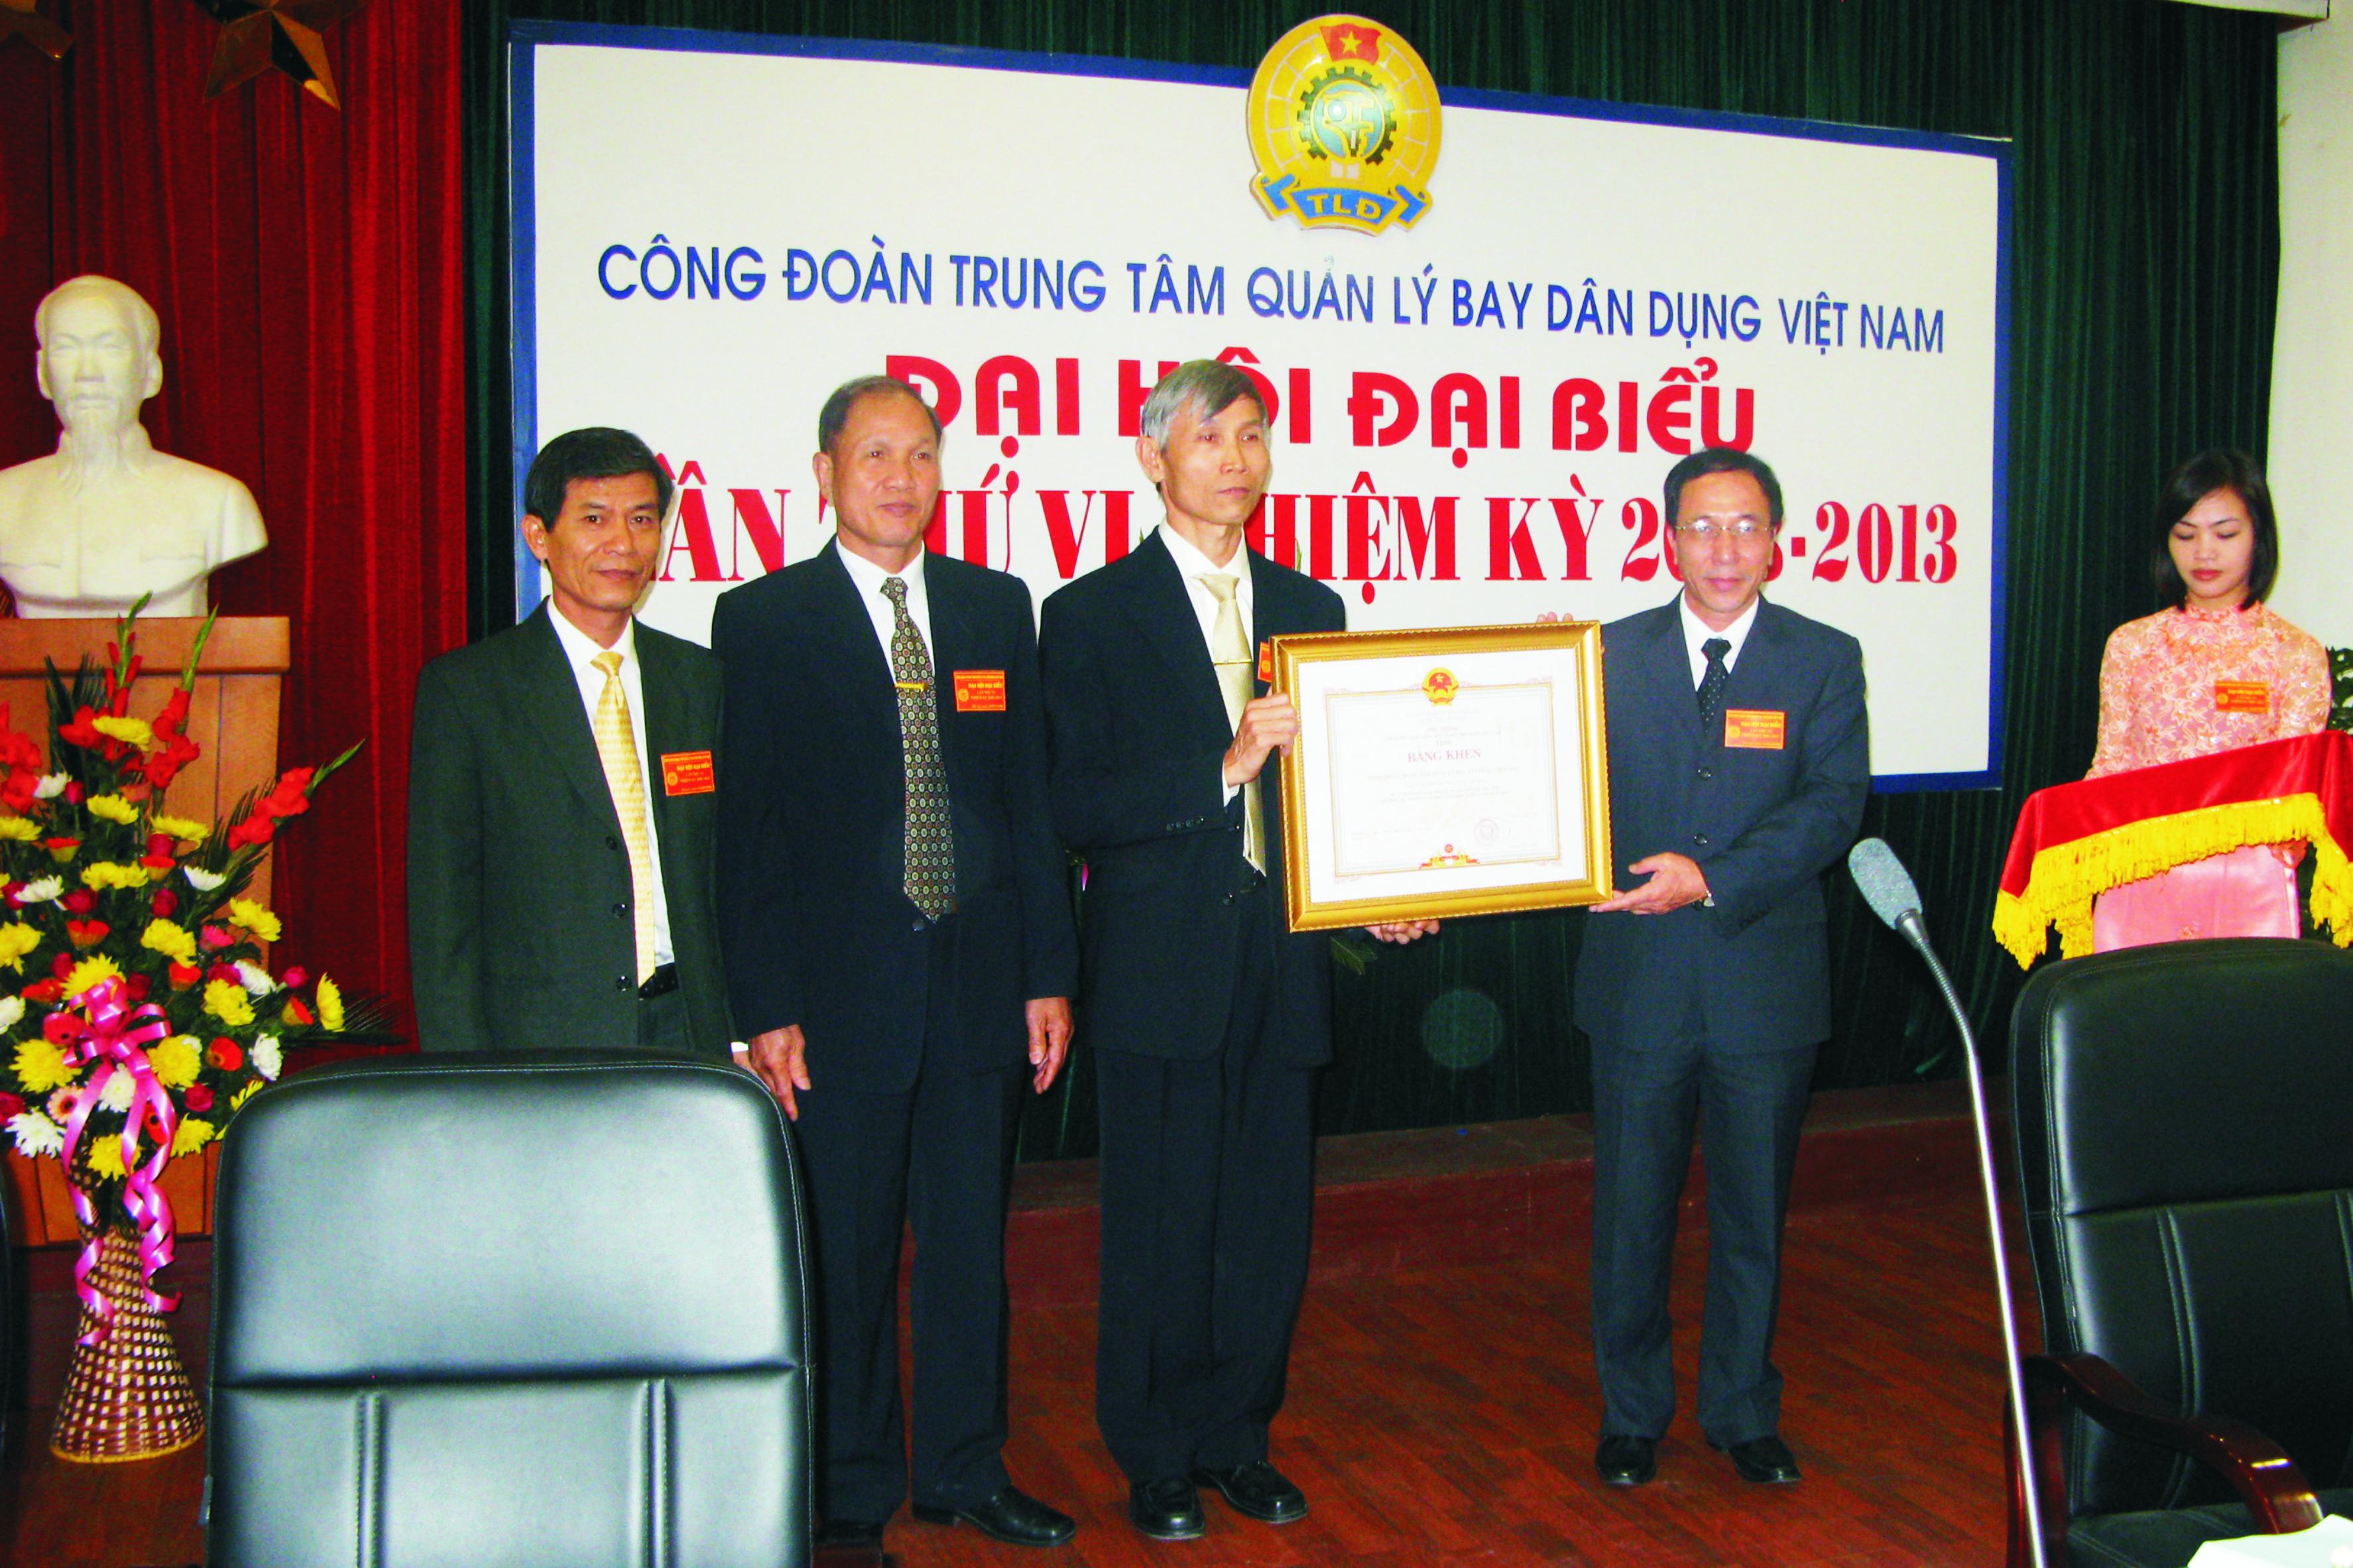 Quá trình hình thành và phát triển của Công đoàn Tổng công ty Quản lý bay Việt Nam - Phần II